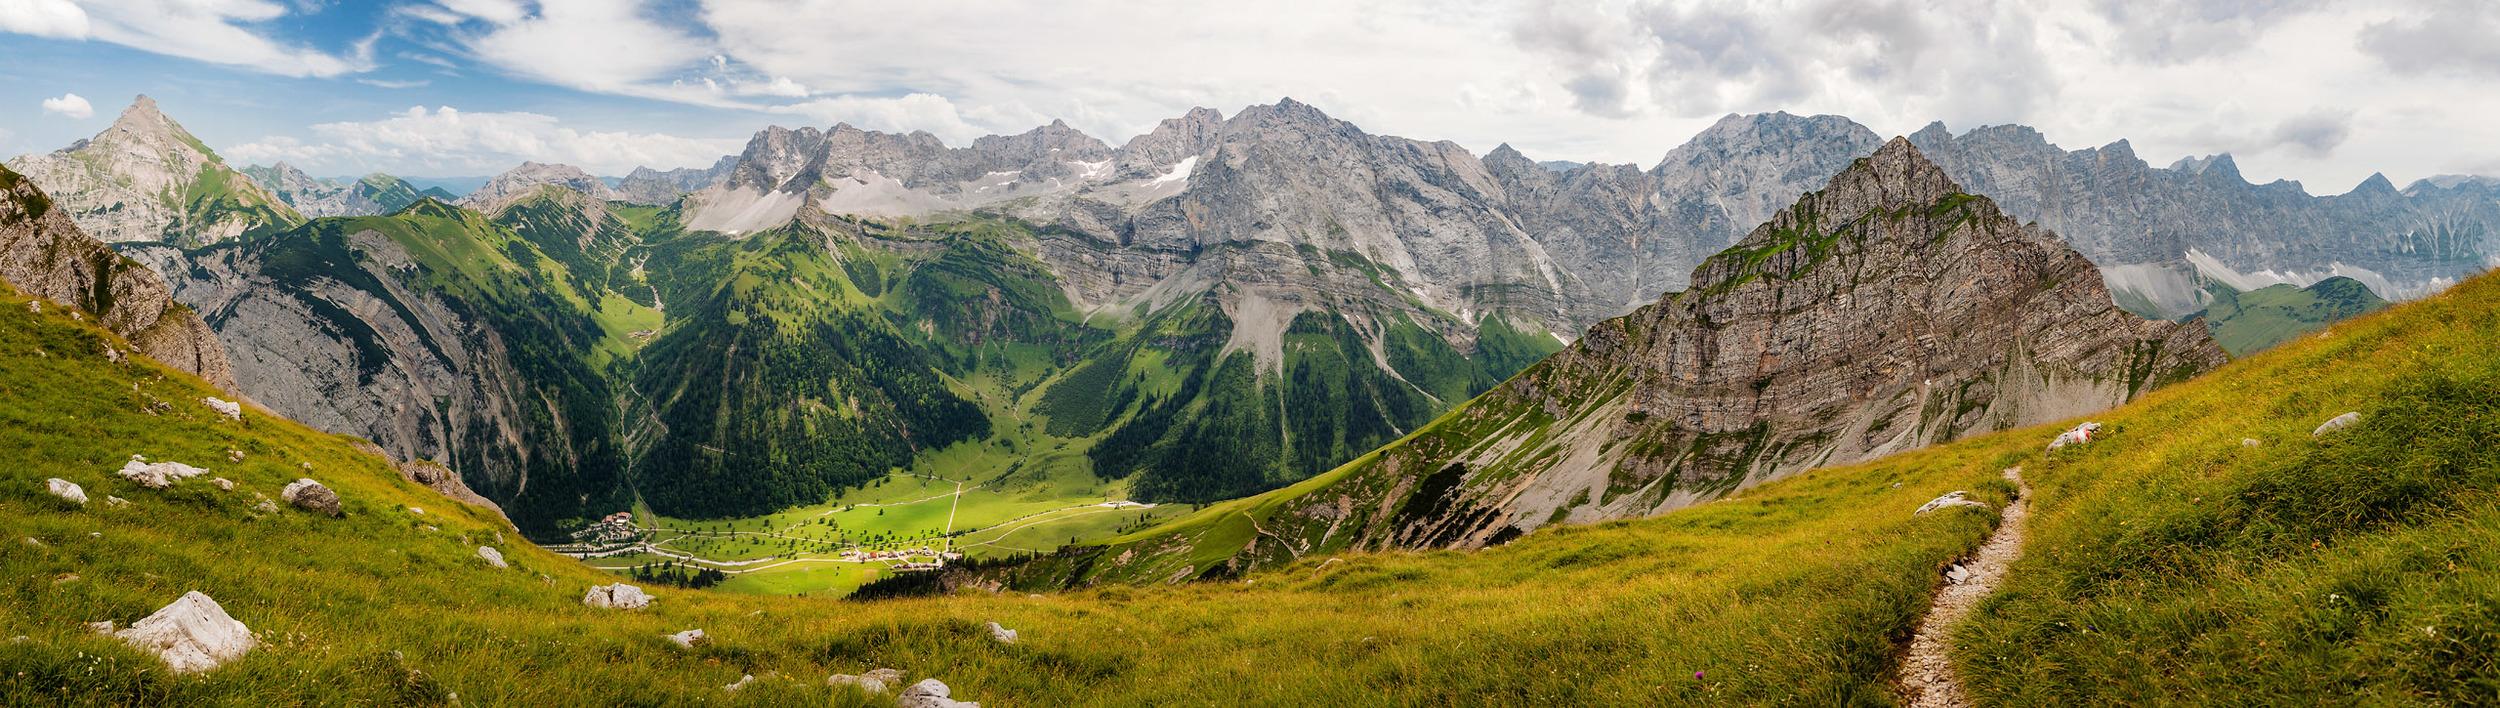 Panorama Ausblick auf das Karwendelgebirge